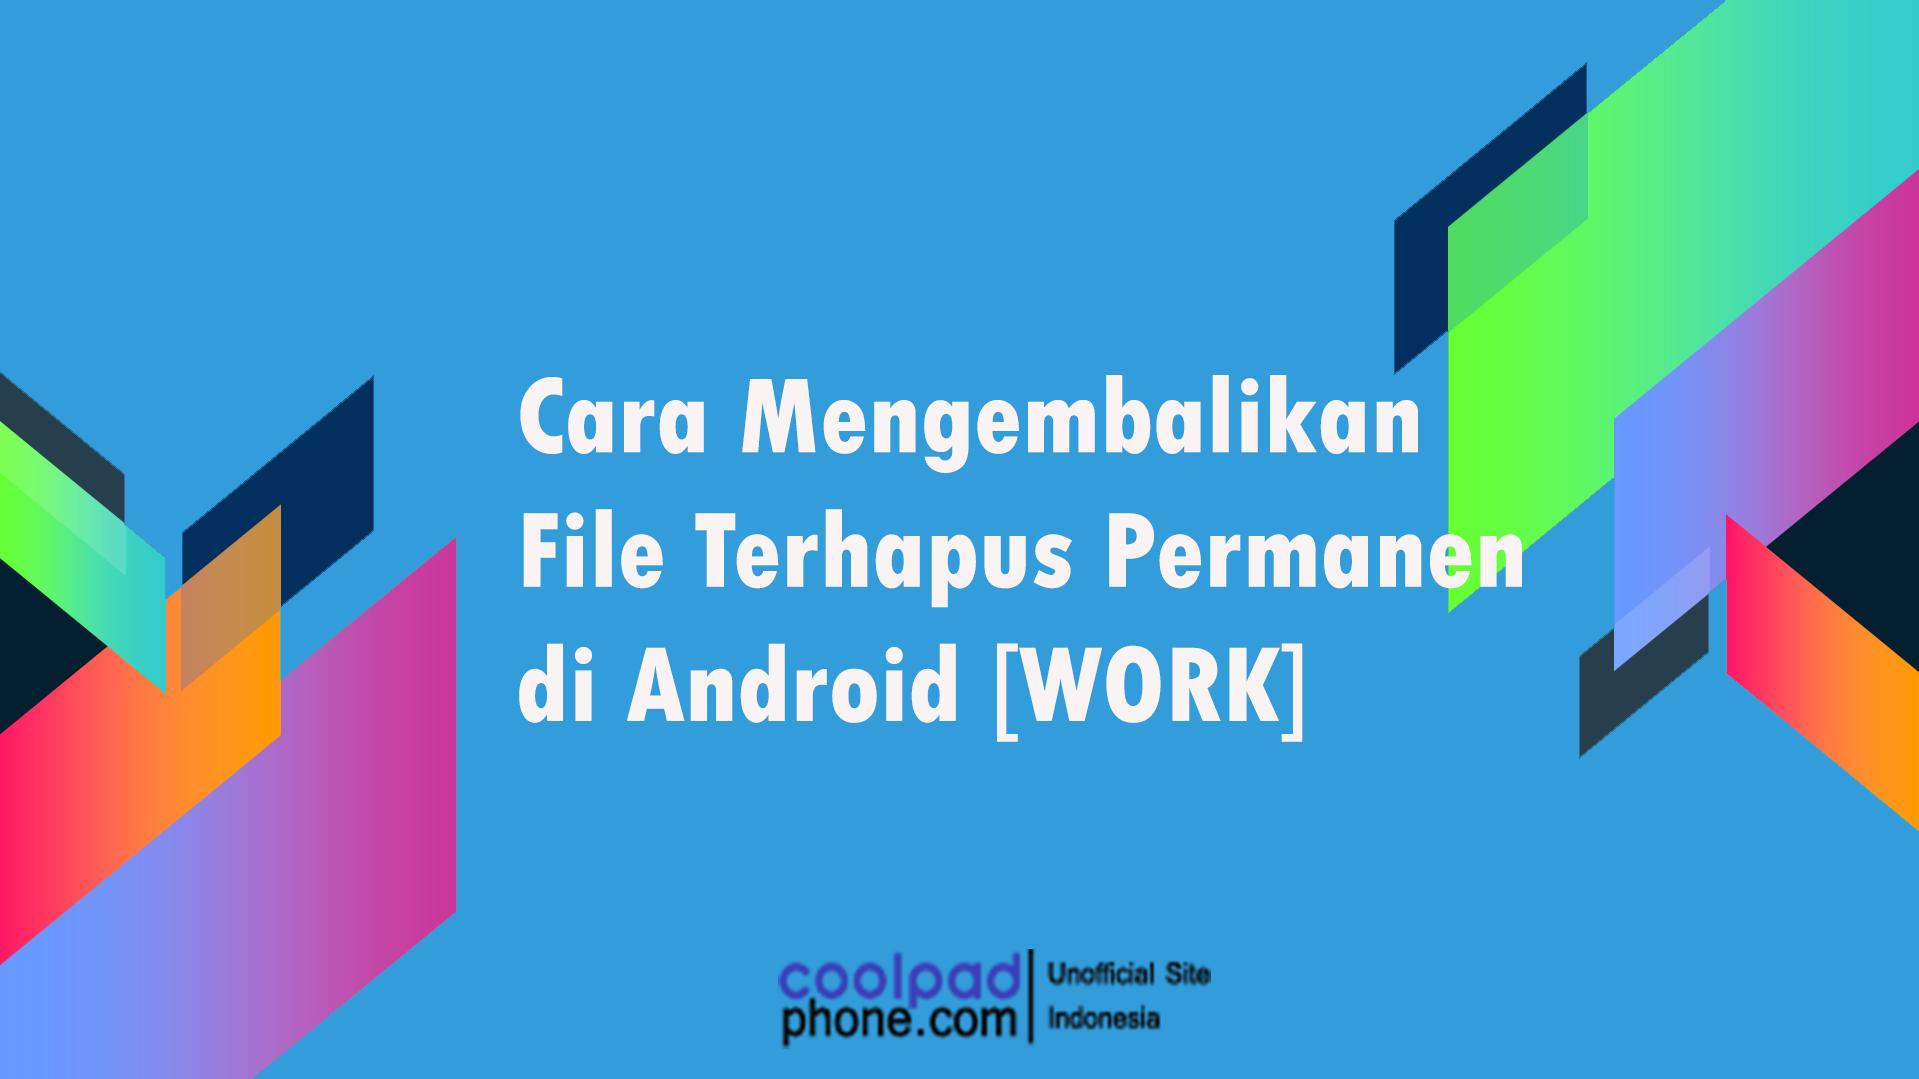 Cara Mengembalikan File Terhapus Permanen di Android [WORK]